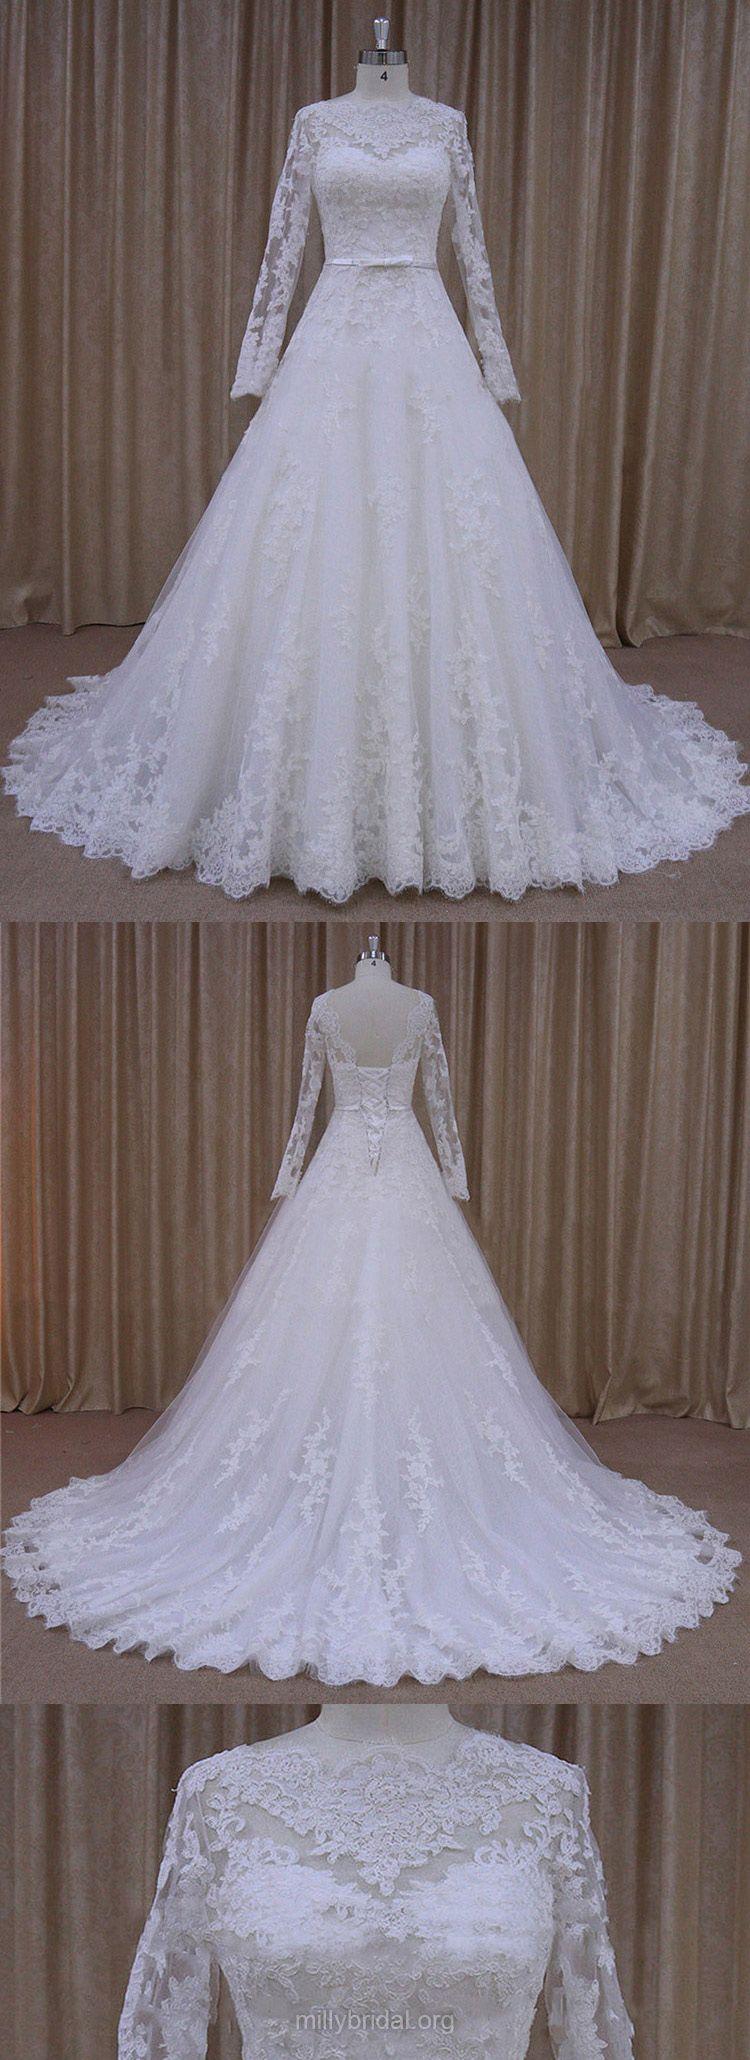 Long sleeve wedding dresses ivory tulle lace wedding dresses